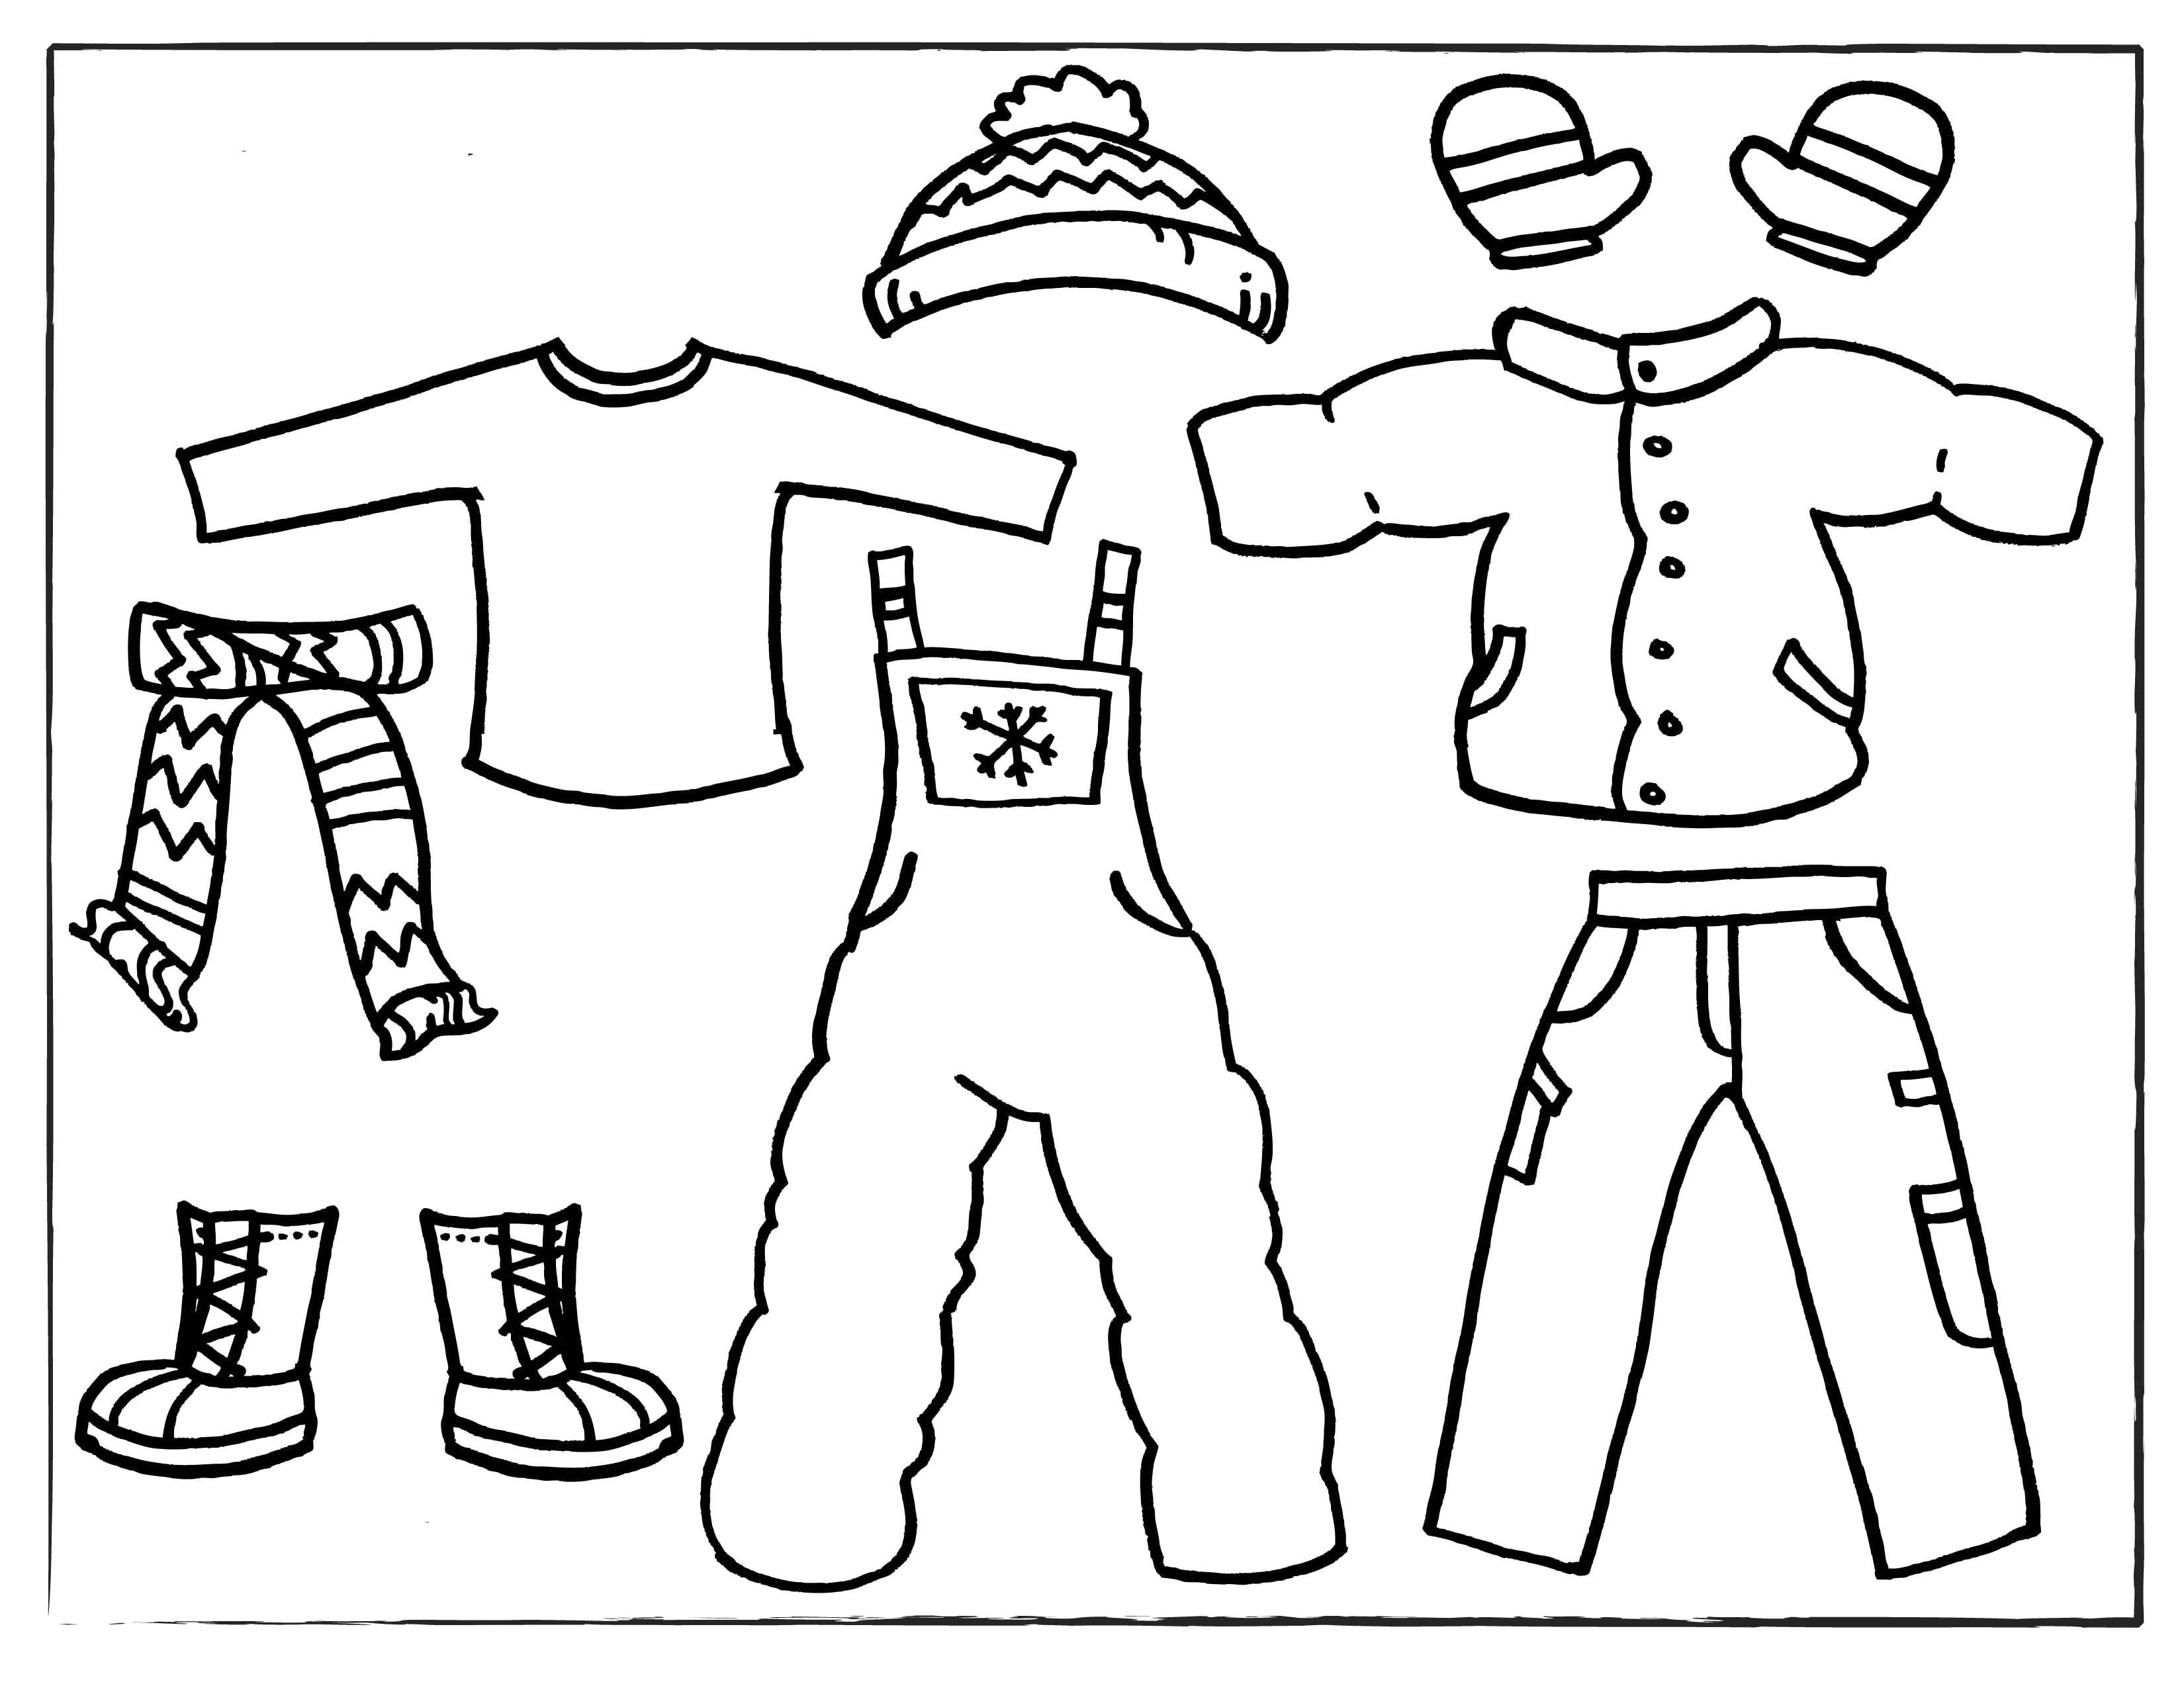 Раскраска  одежда. Скачать Зимняя одежда.  Распечатать Зимняя одежда